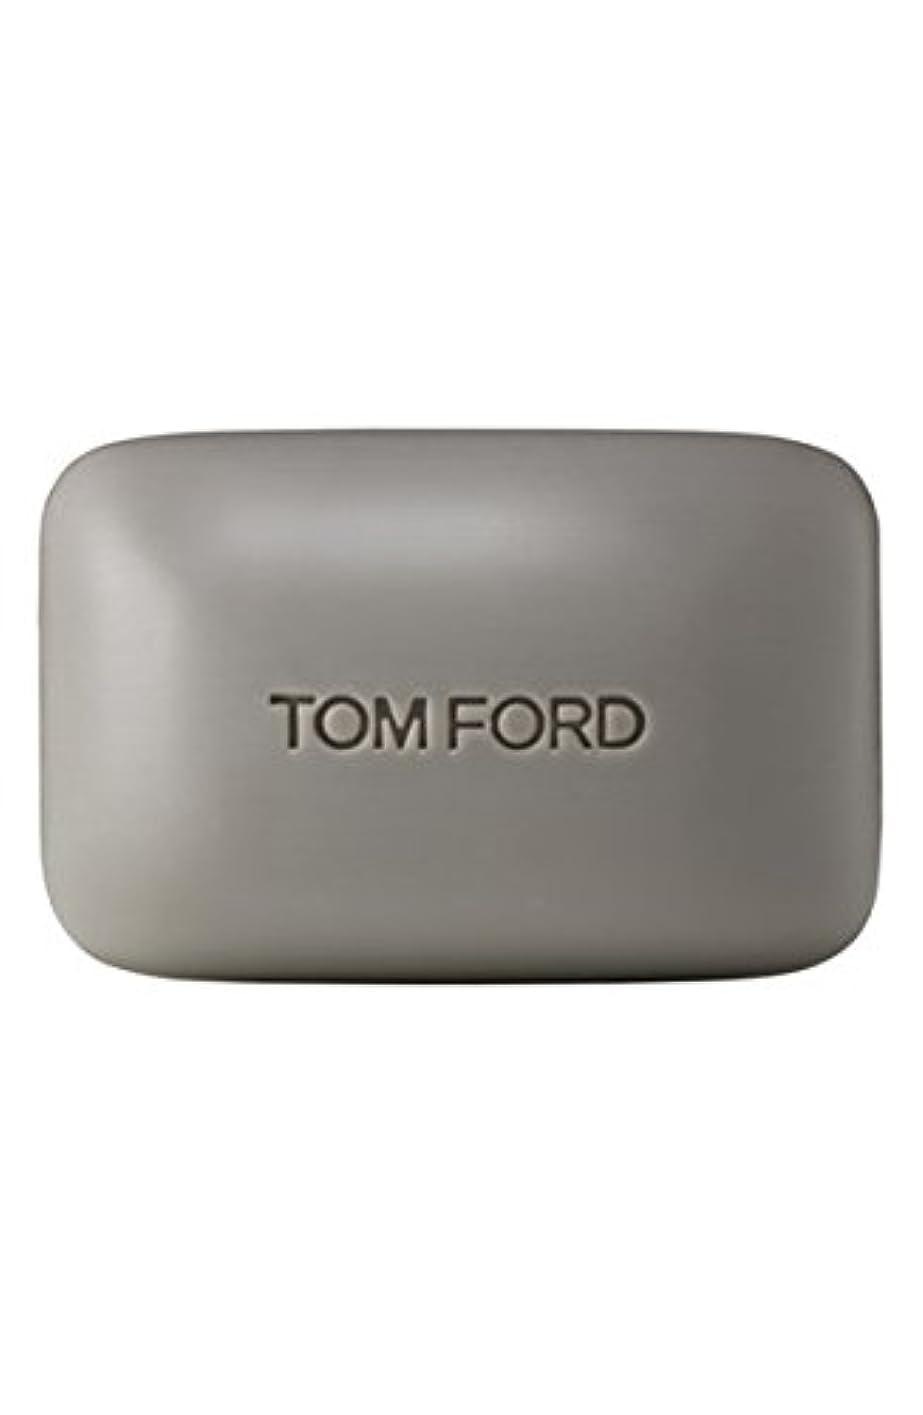 ジョージバーナードバッグキャベツTom Ford Private Blend 'Oud Wood' (トムフォード プライベートブレンド オードウッド) 5.5 oz (165ml) Bar Soap (固形石鹸)